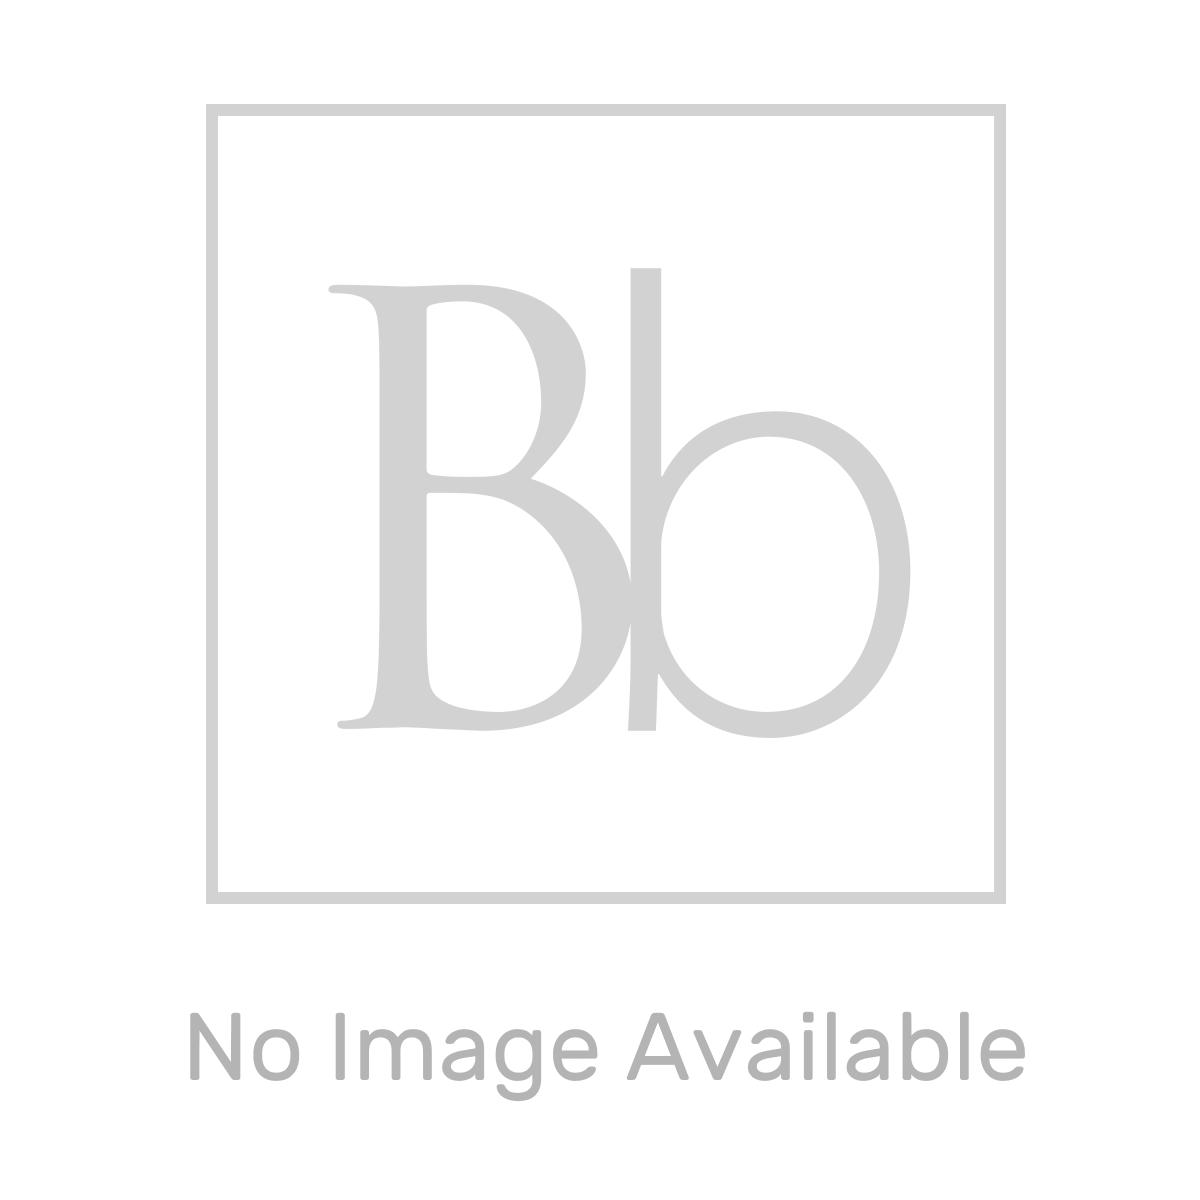 RAK Resort Glass Soap Dispenser & Holder